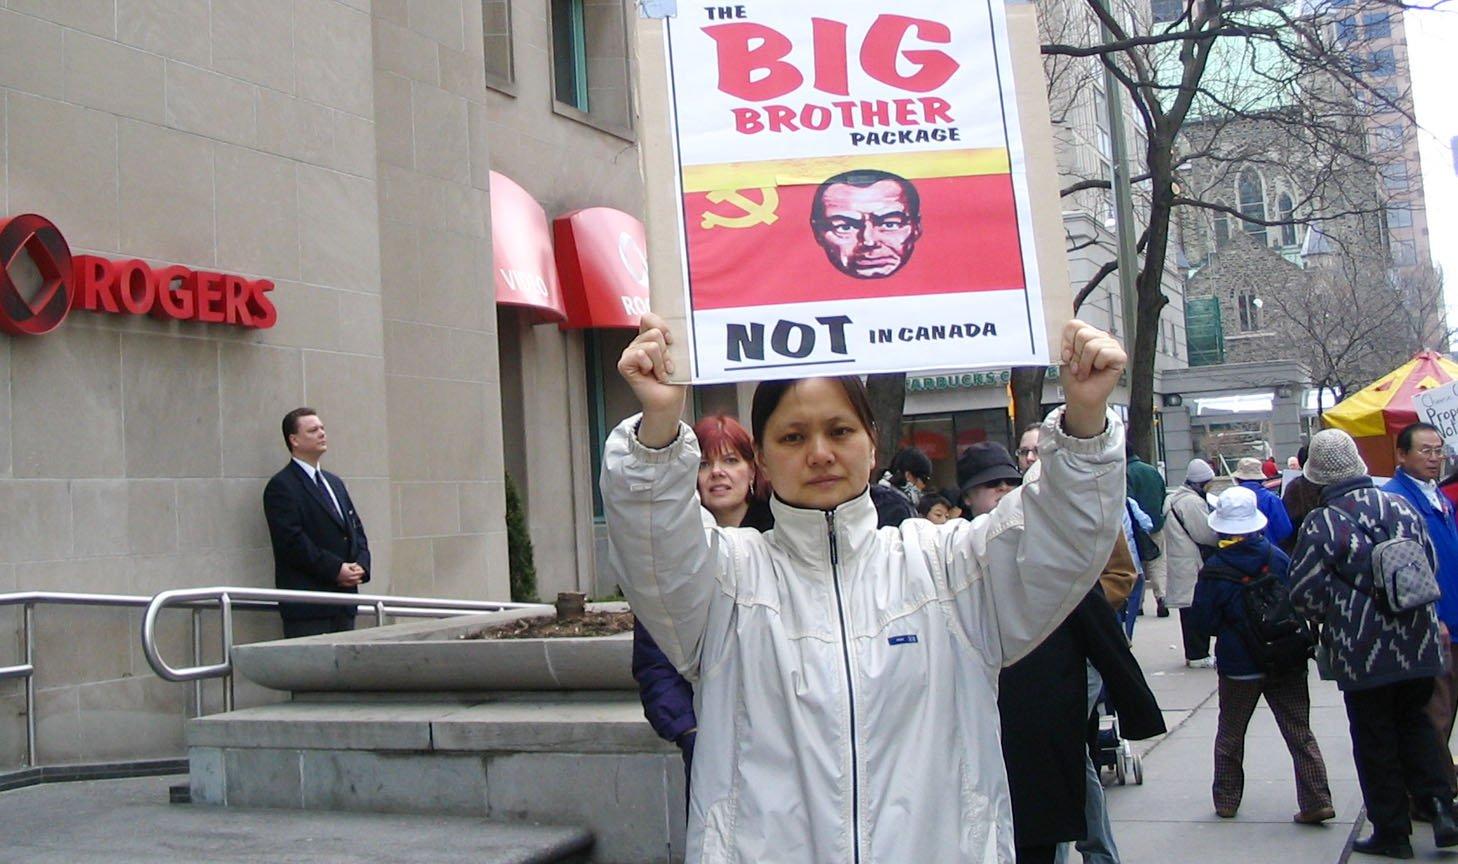 羅查士多倫多總部大樓前抗議九家中共電台滲透加拿大的民眾。(大紀元)